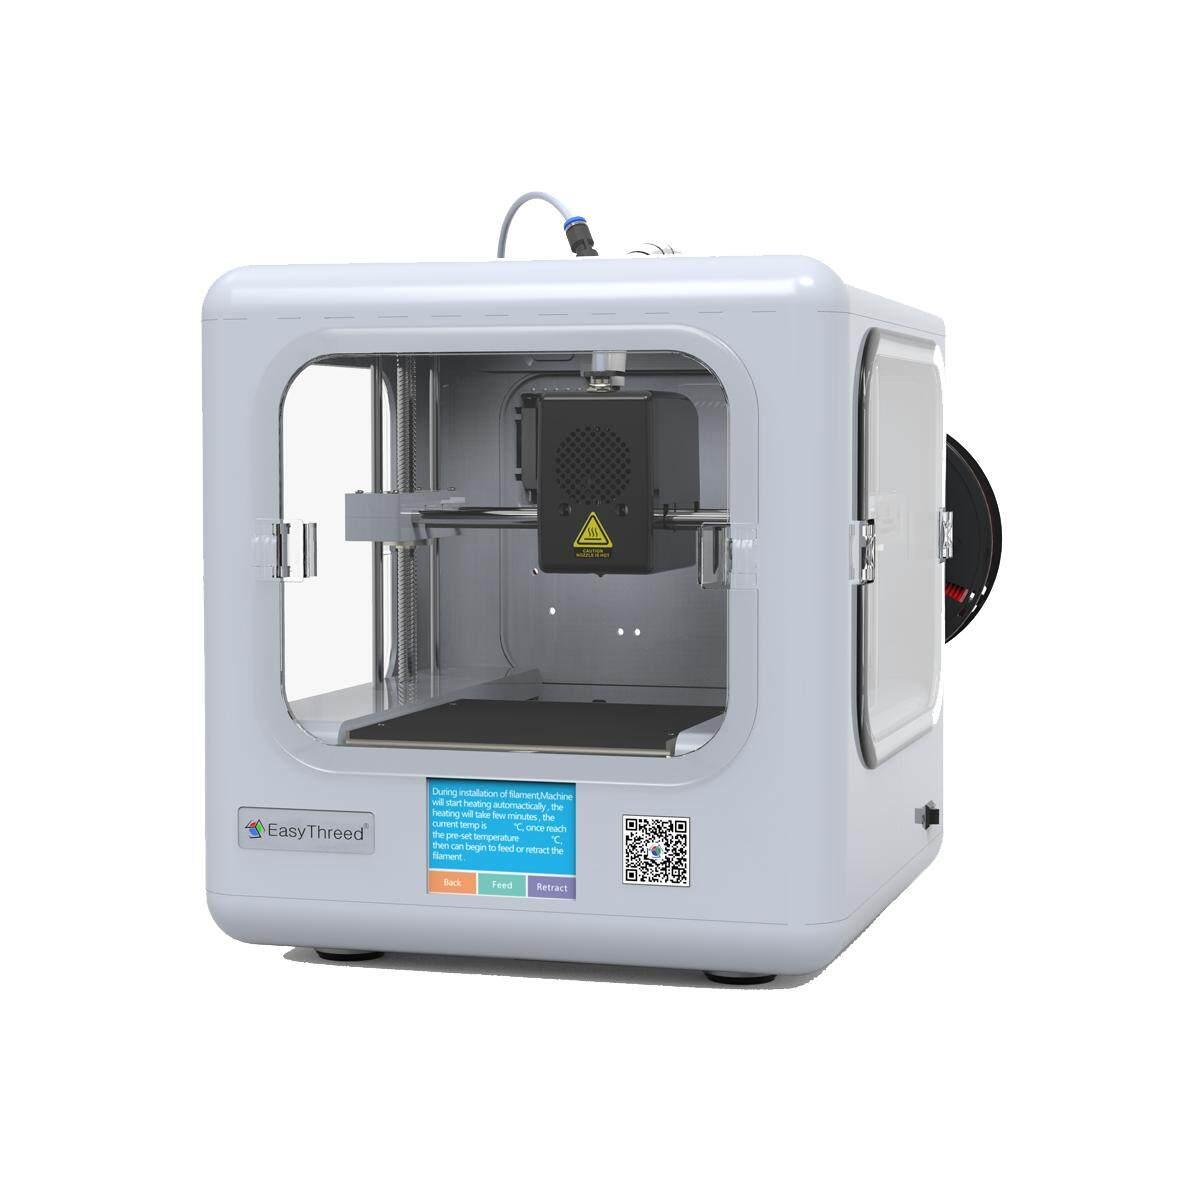 Hình ảnh Easythreed NANO Mini Tập Hợp Đầy Đủ 3D Máy In Cho Hộ Gia Đình Giáo Dục & Sinh Viên 90x110x110 mét In Kích Thước hỗ trợ Một Phím In với 1.75 mét 0.4 mét Vòi Phun/Giấy Chứng Nhận CE